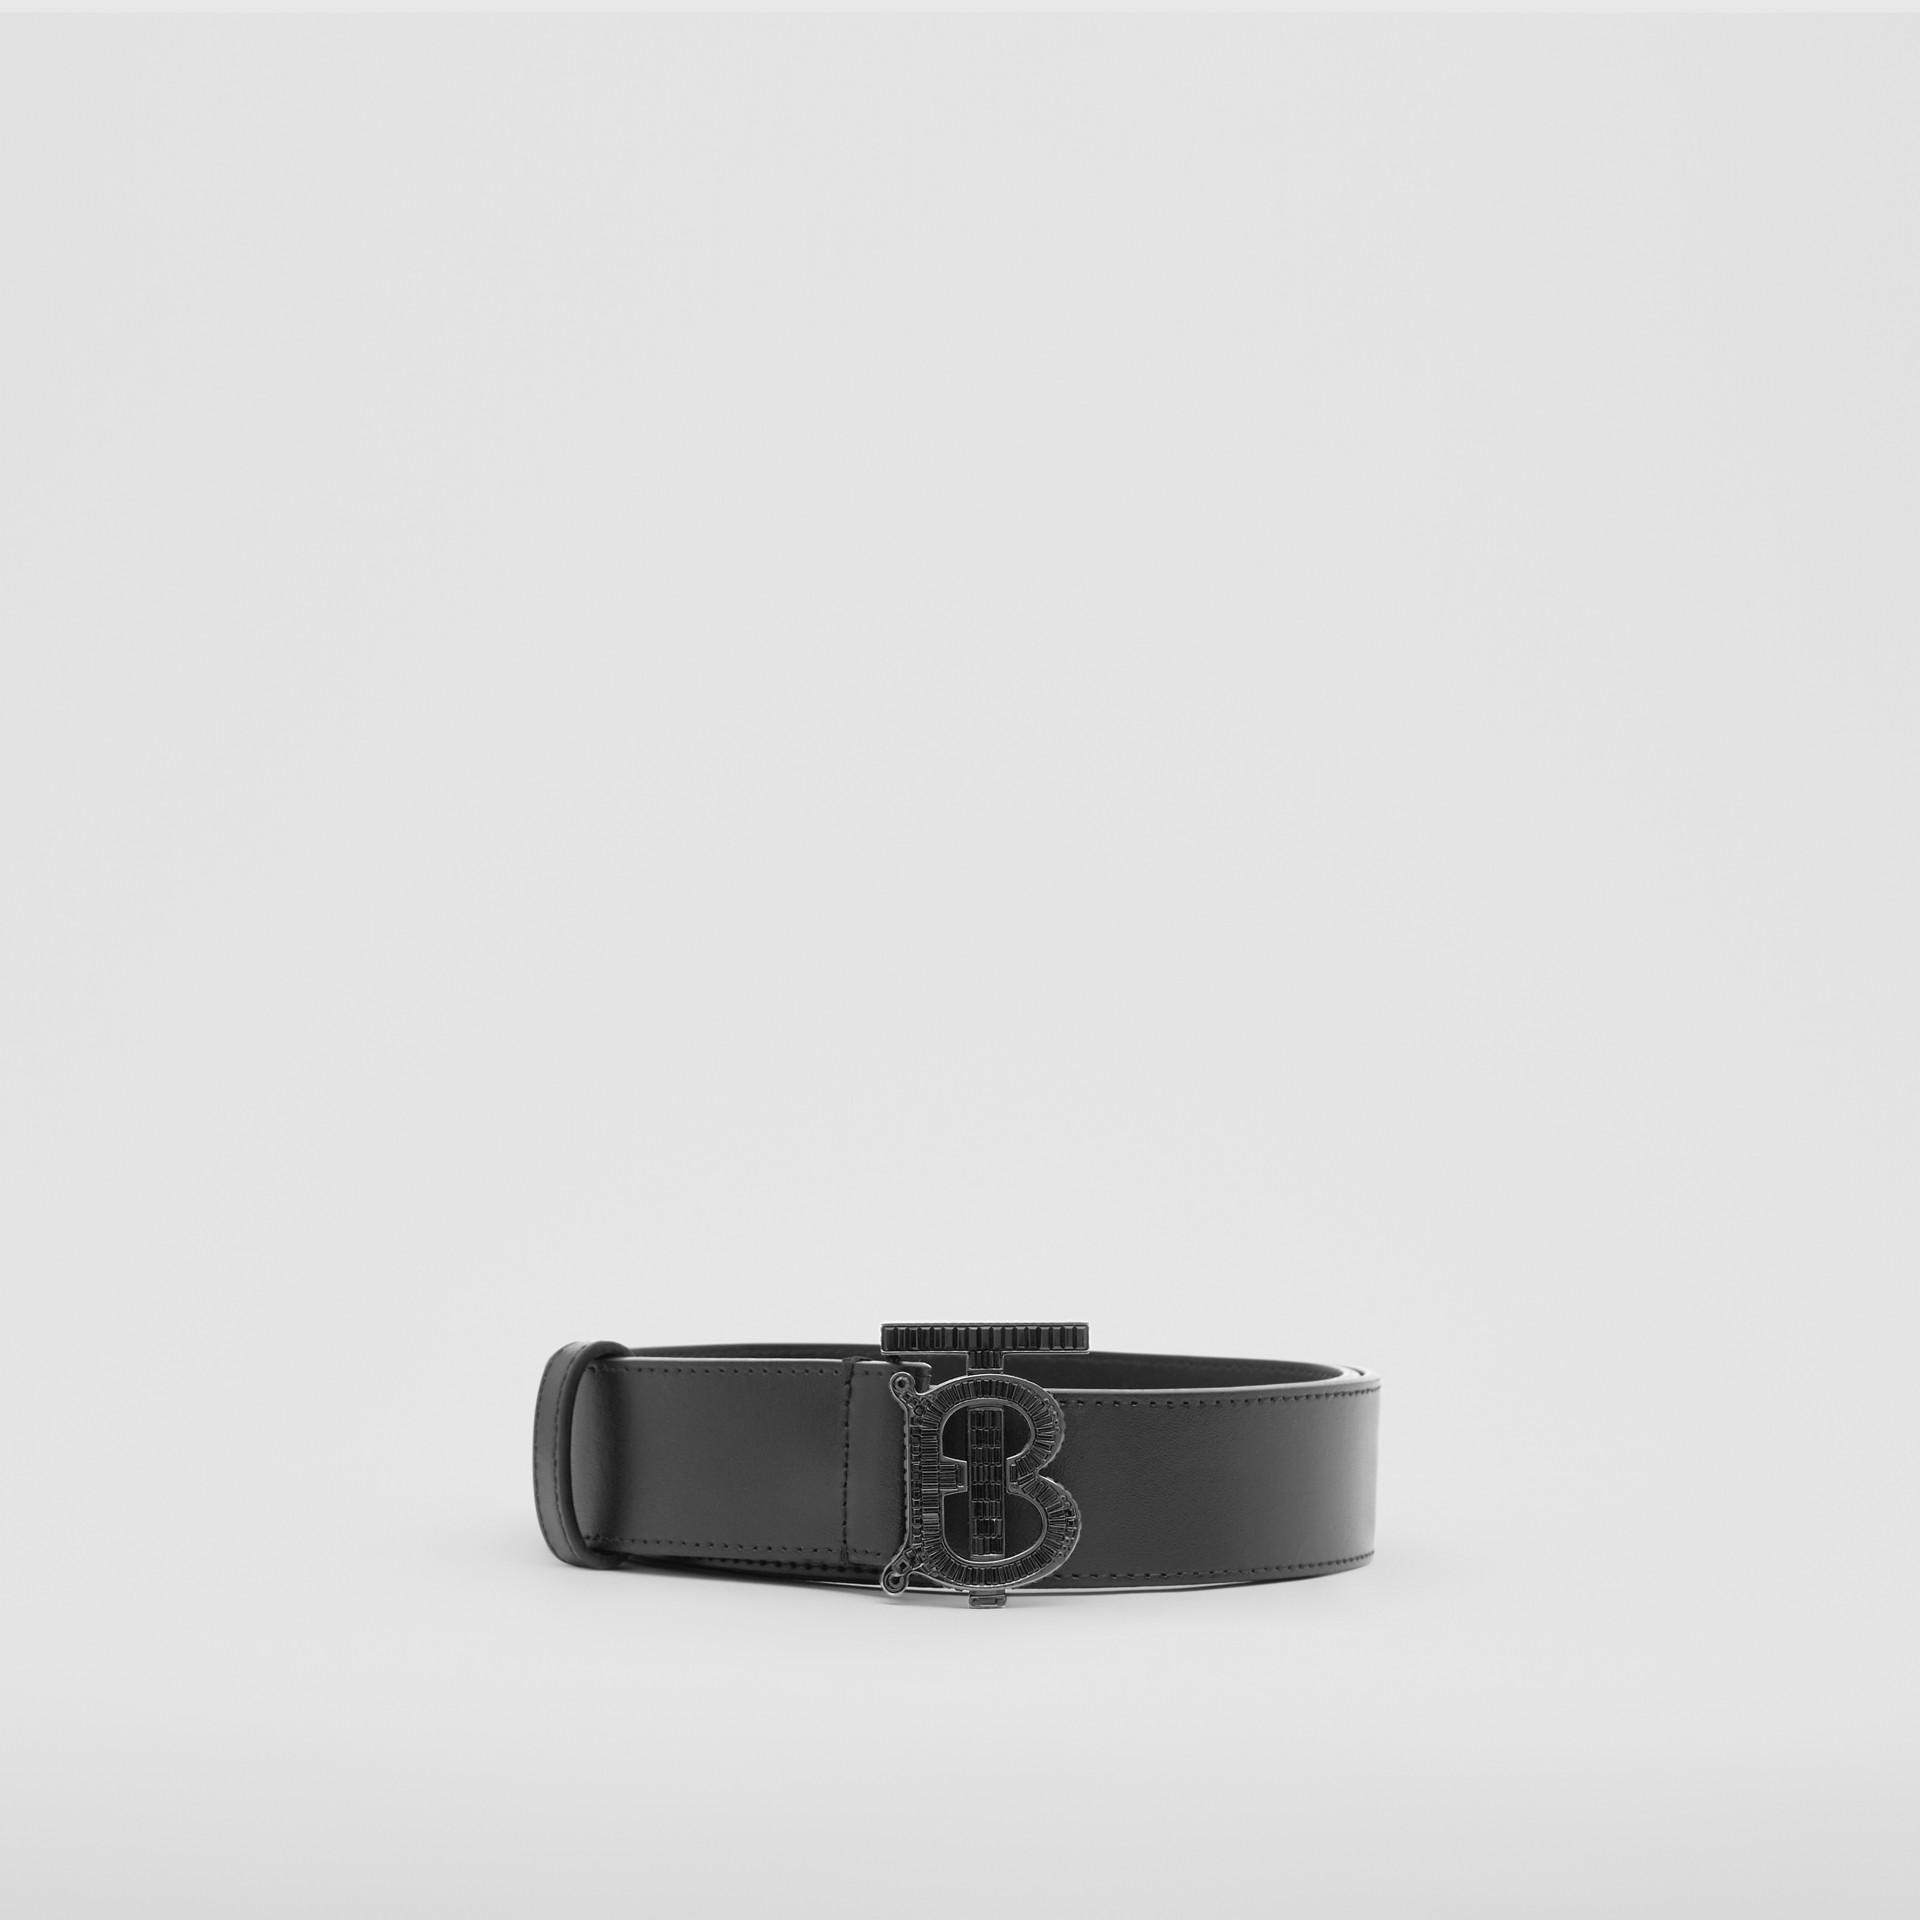 Cinturón en piel con monograma y cristales (Negro) - Hombre | Burberry - imagen de la galería 3